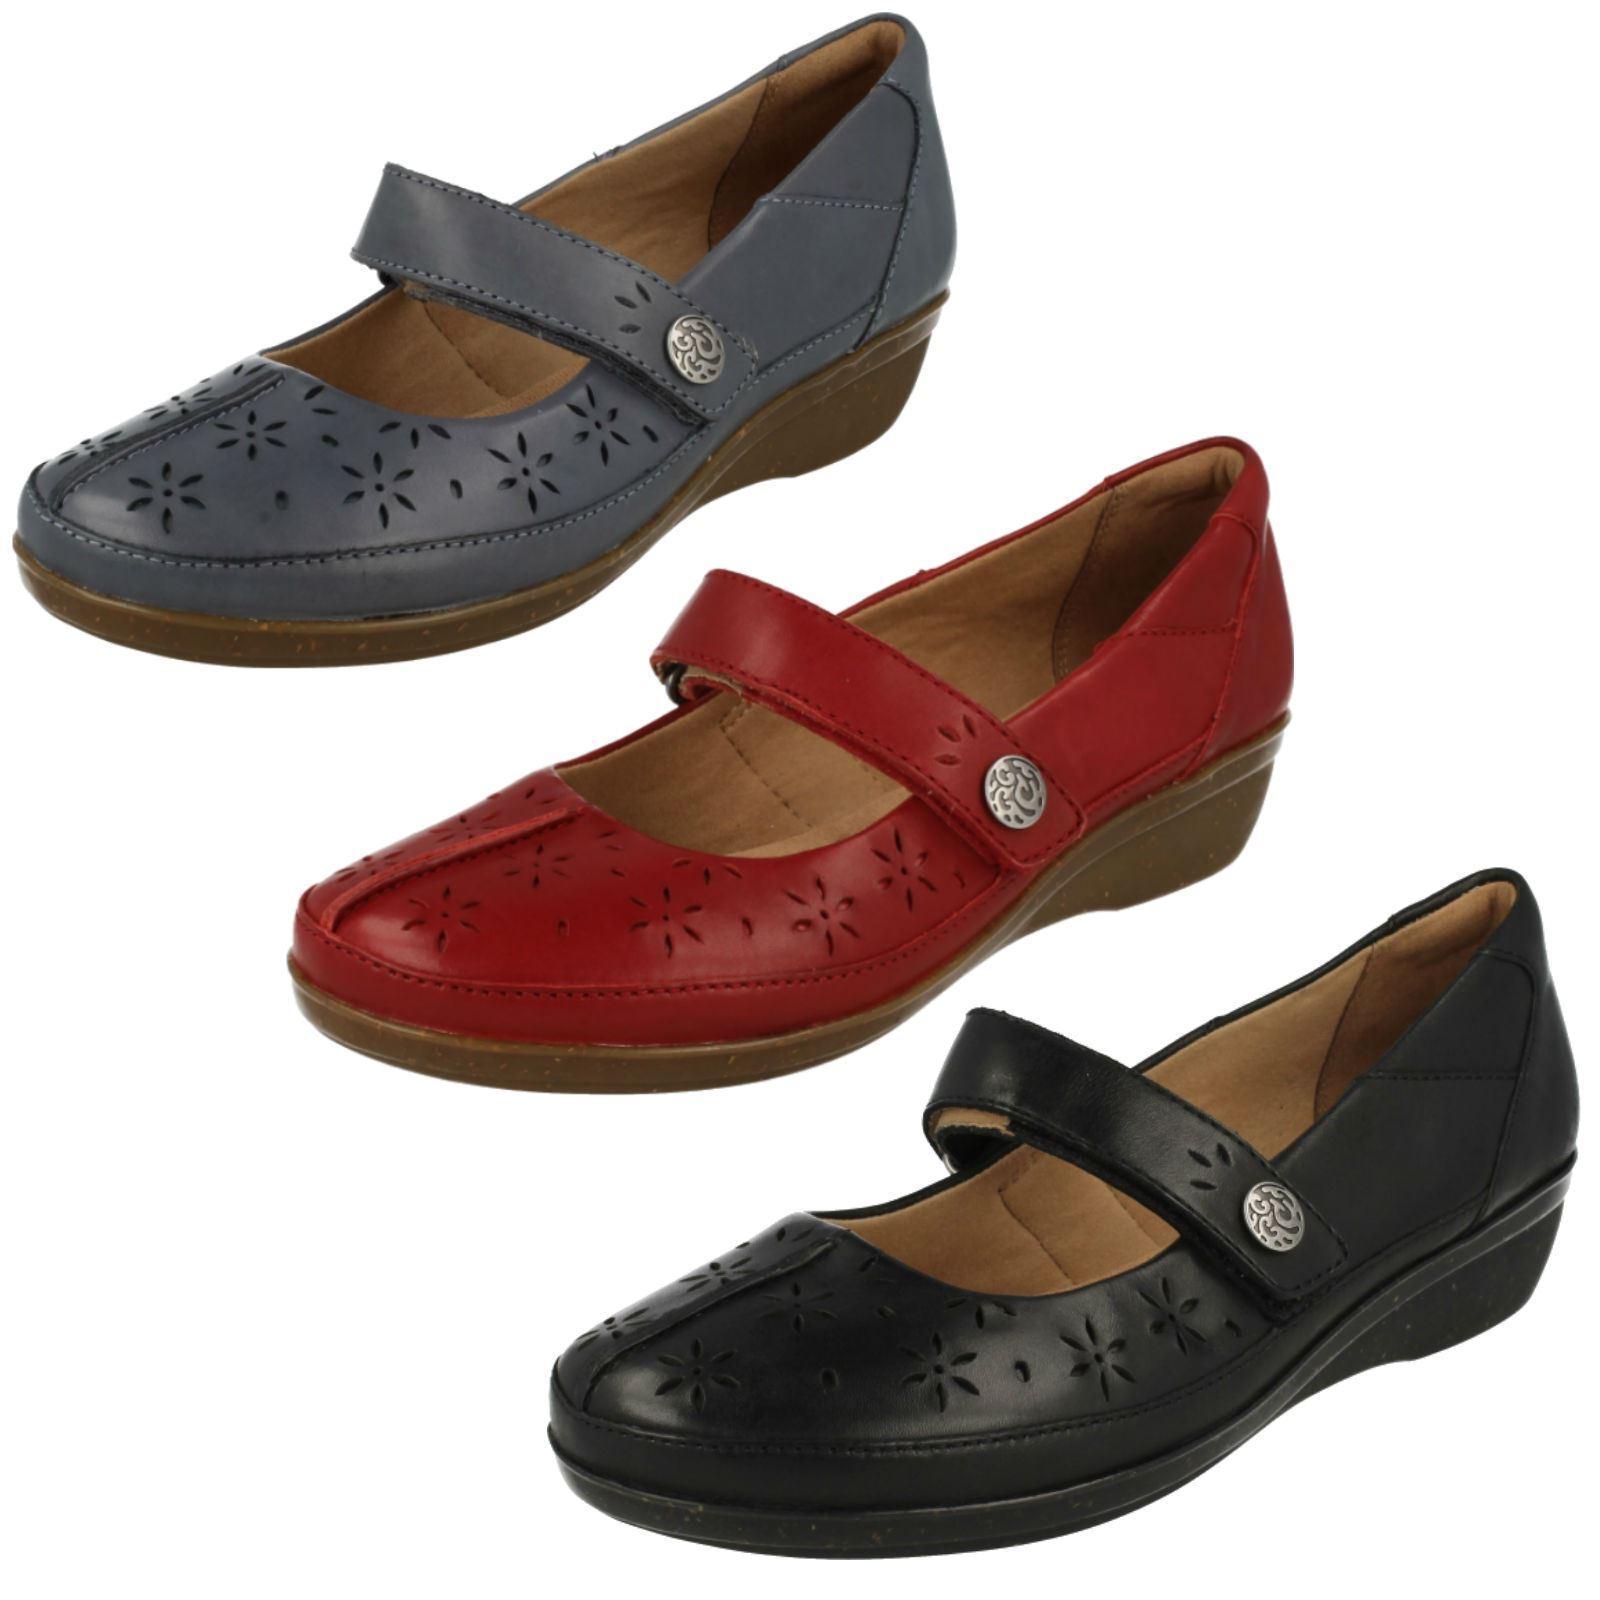 Damen Clarks everlay BAI schwarz, blau oder rot Leder Freizeit Mary Jane Schuhe